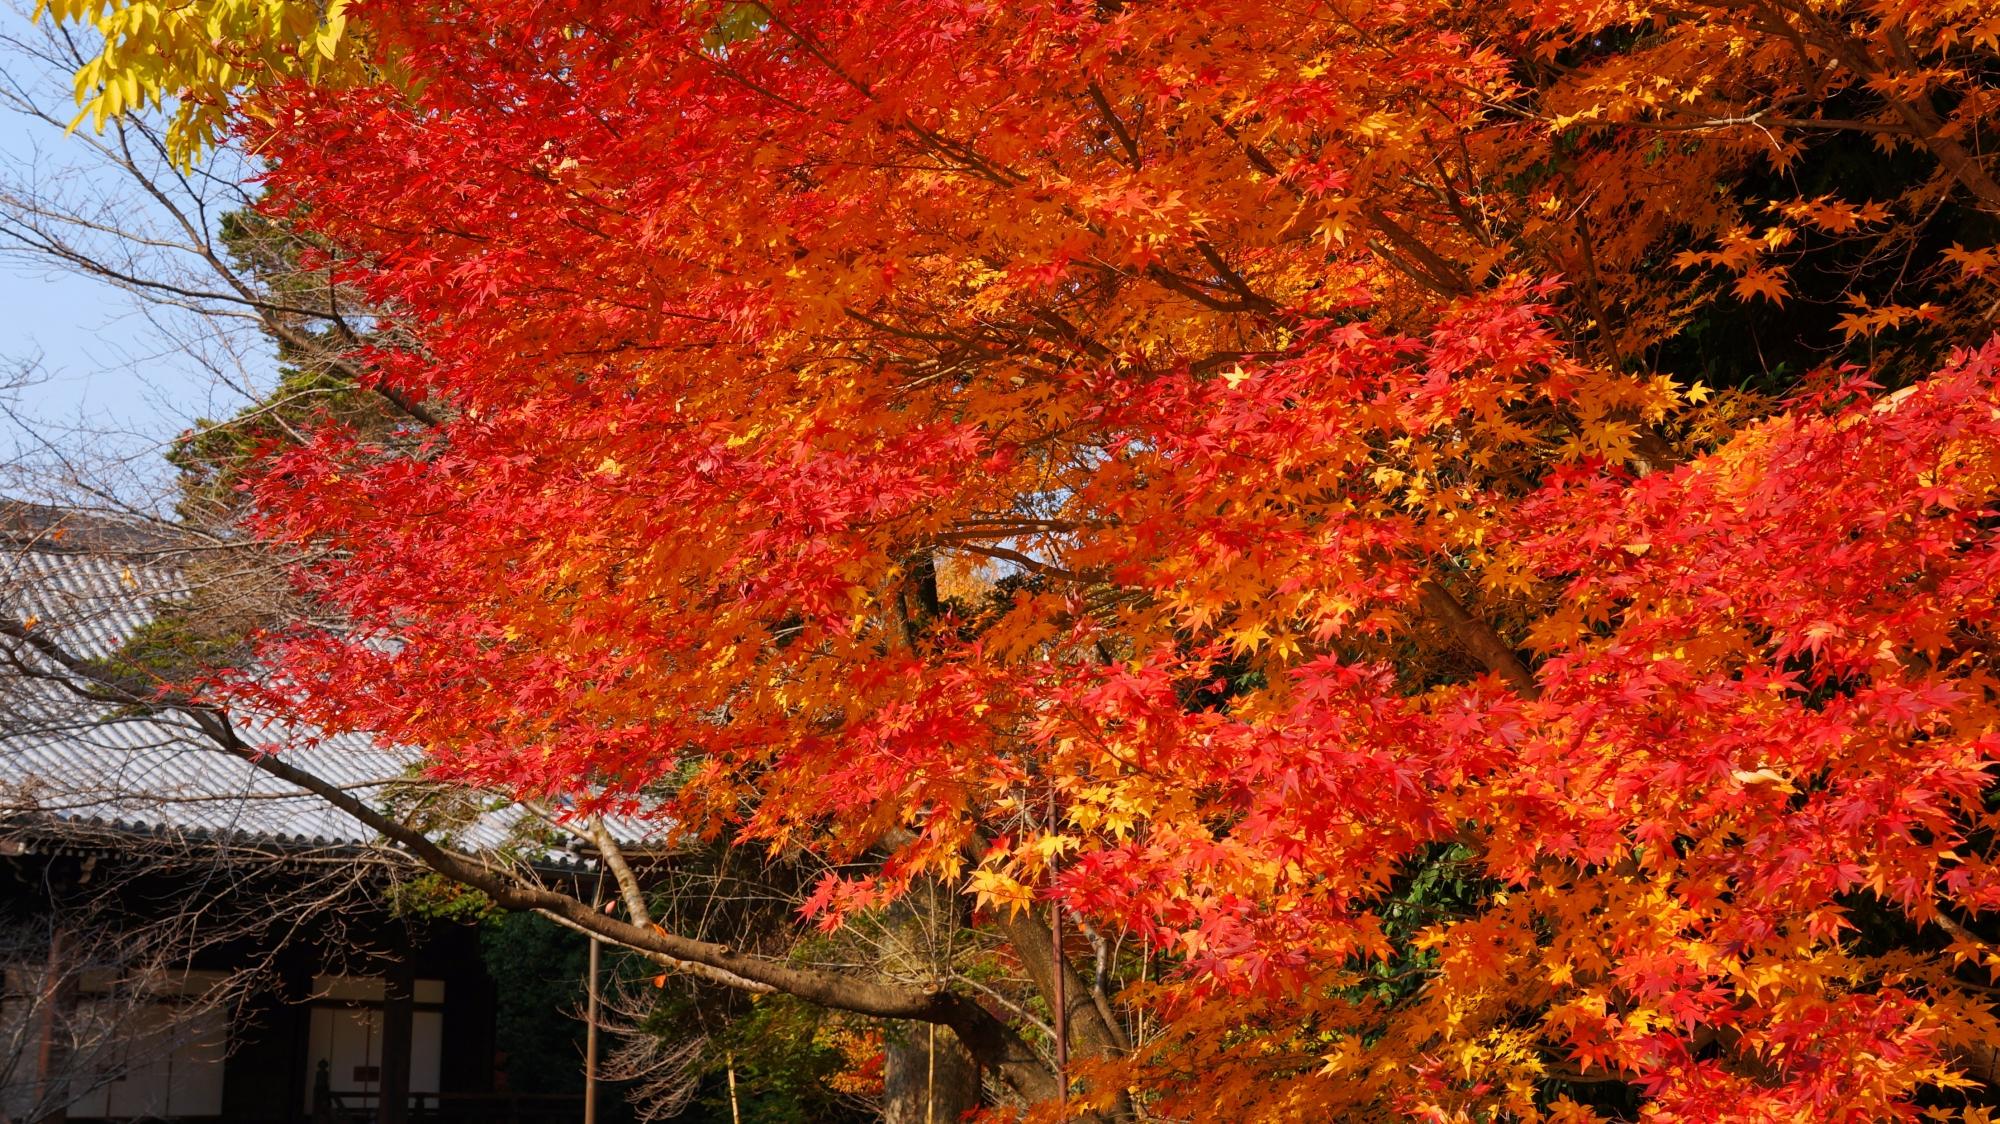 光明寺の阿弥陀堂をつつむ溢れる鮮やかな紅葉